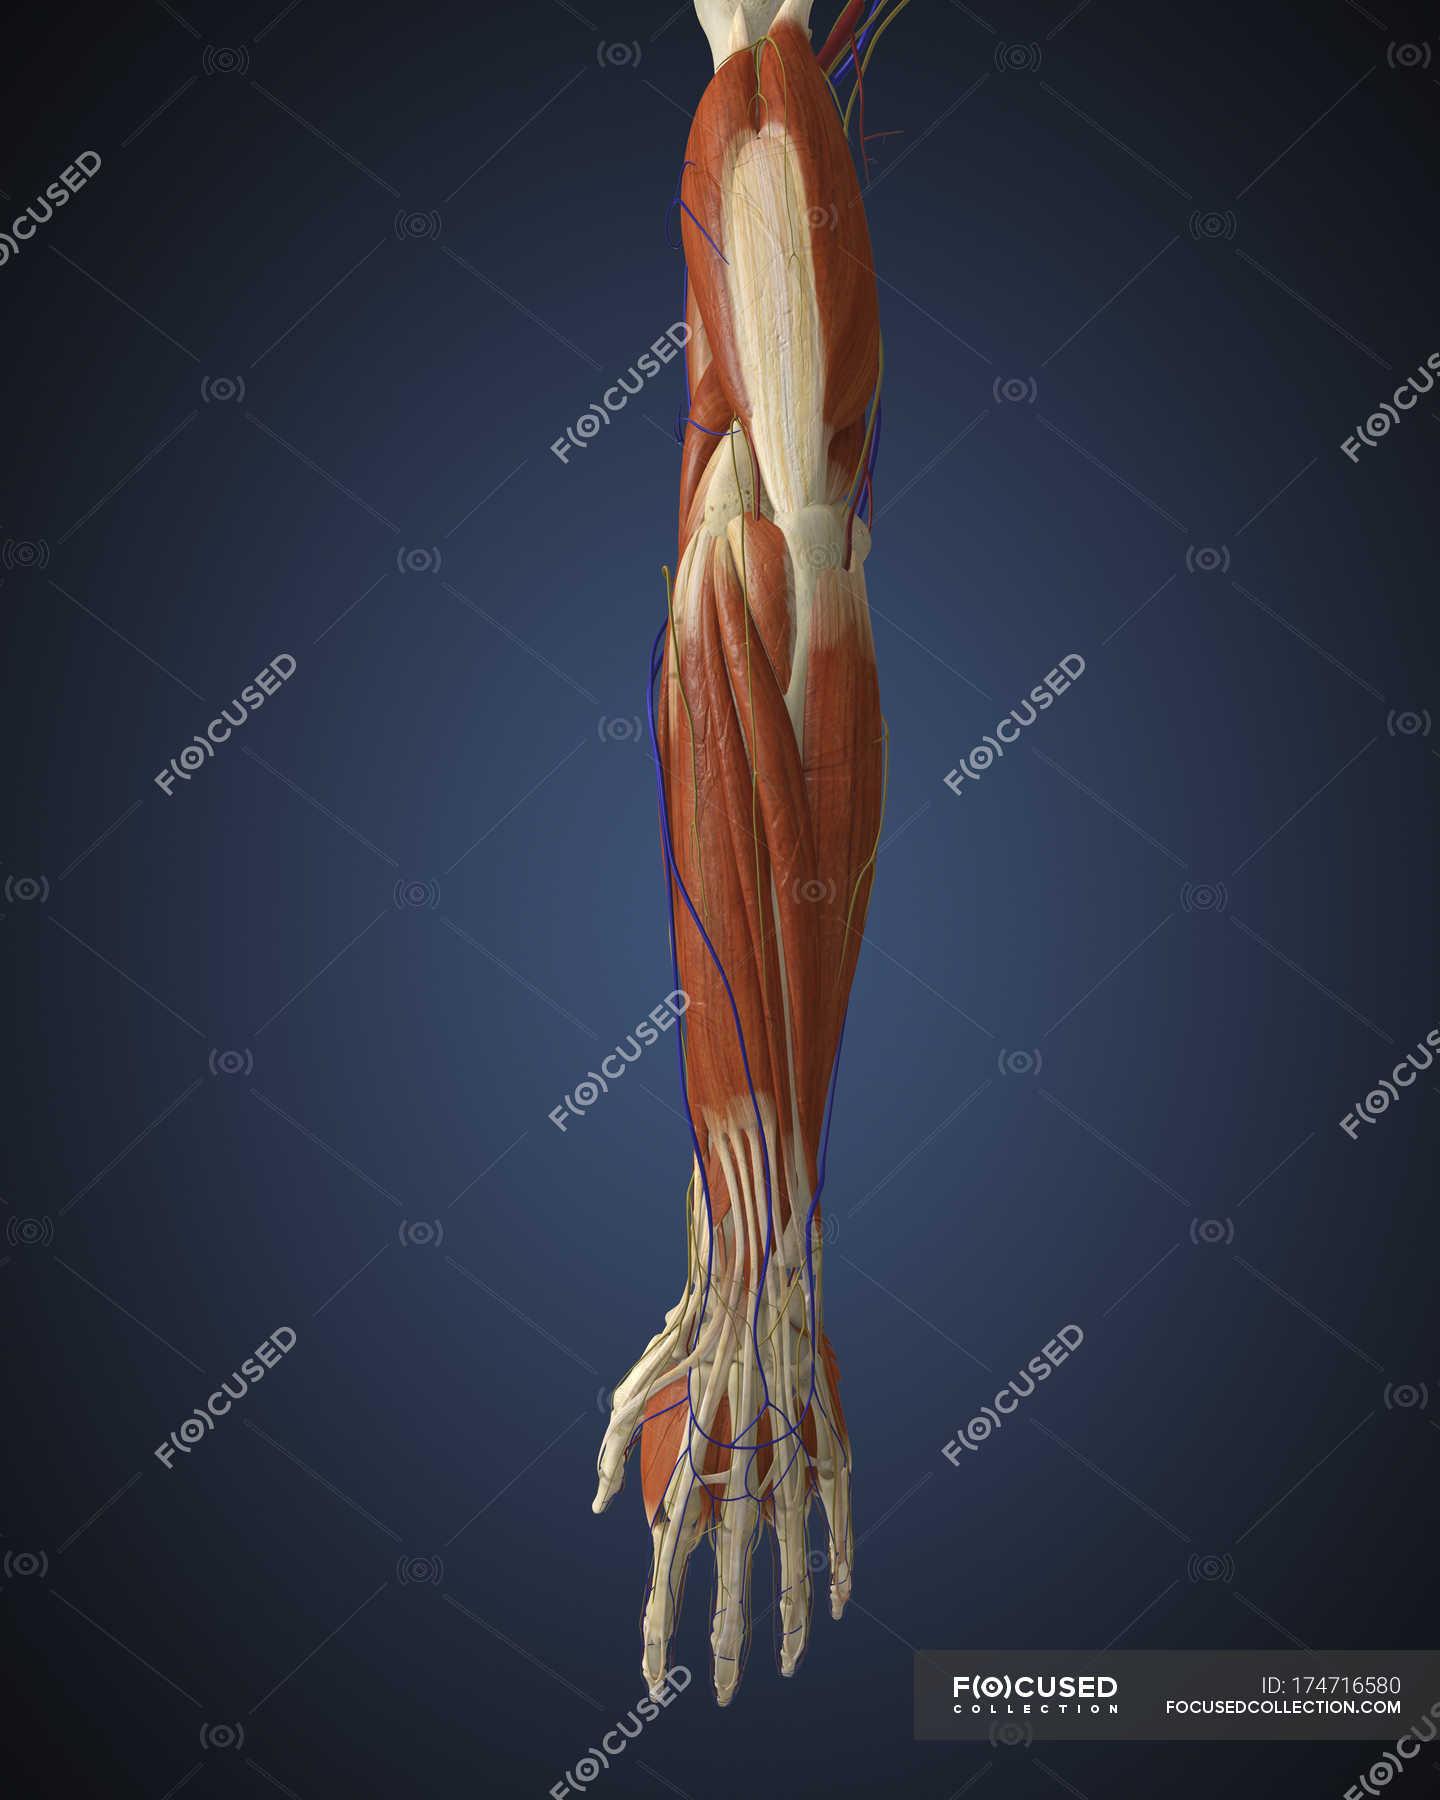 Menschlichen Arm mit Knochen, Muskeln und Nerven — Stockfoto ...